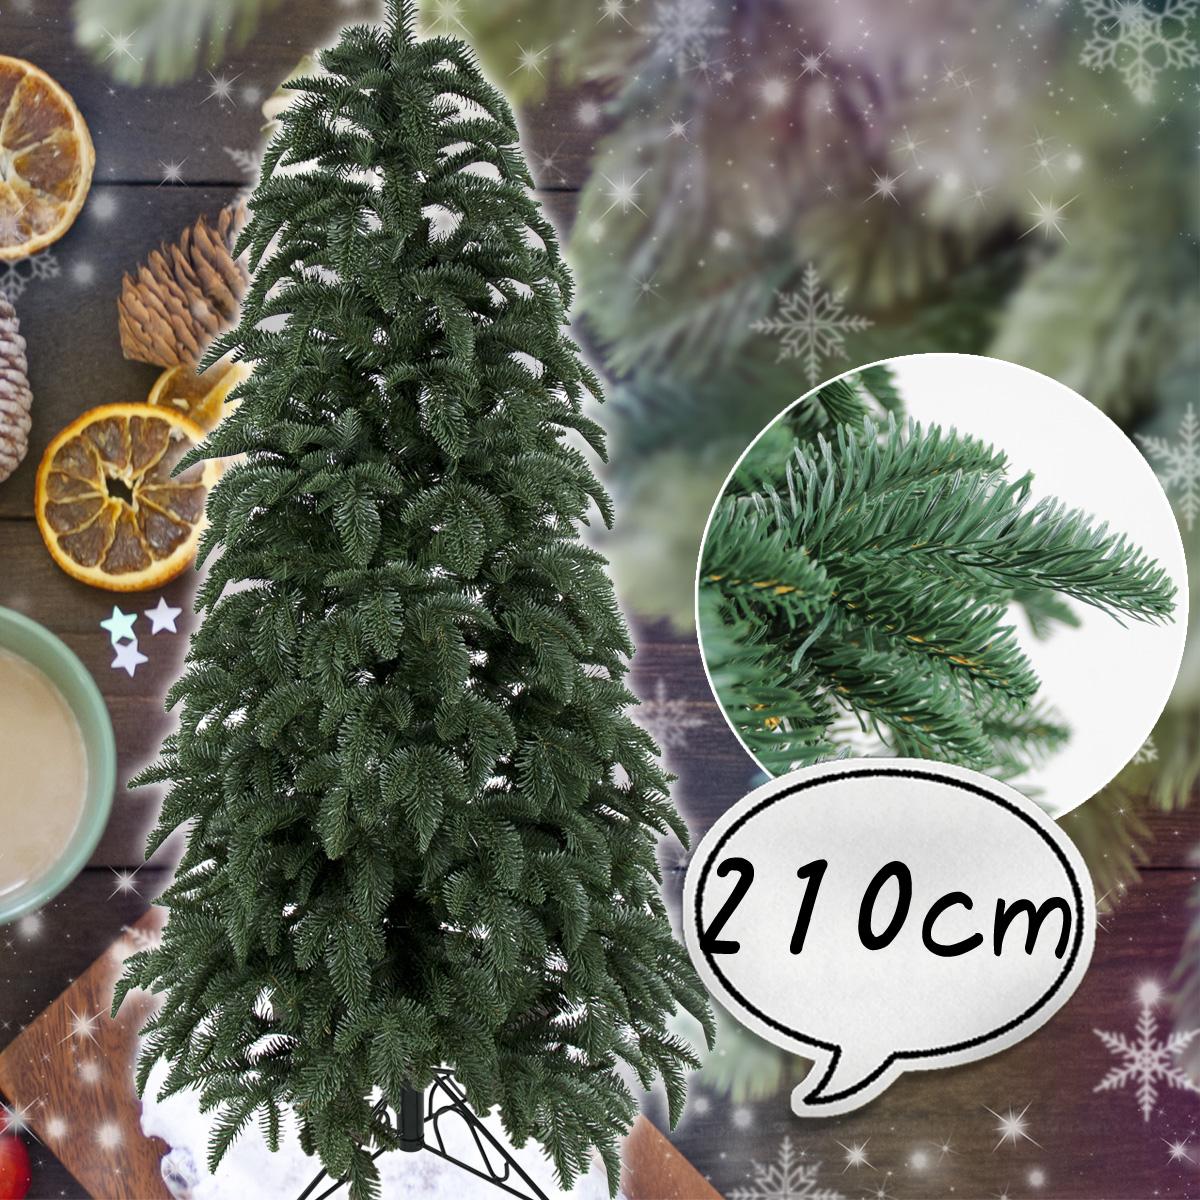 クリスマスツリー 210cm リアルスプルース 葉は本物のような肉厚のある ポリ成形ツリー 木 スタンドタイプ 北欧 おしゃれ 【10月中旬入荷予定】